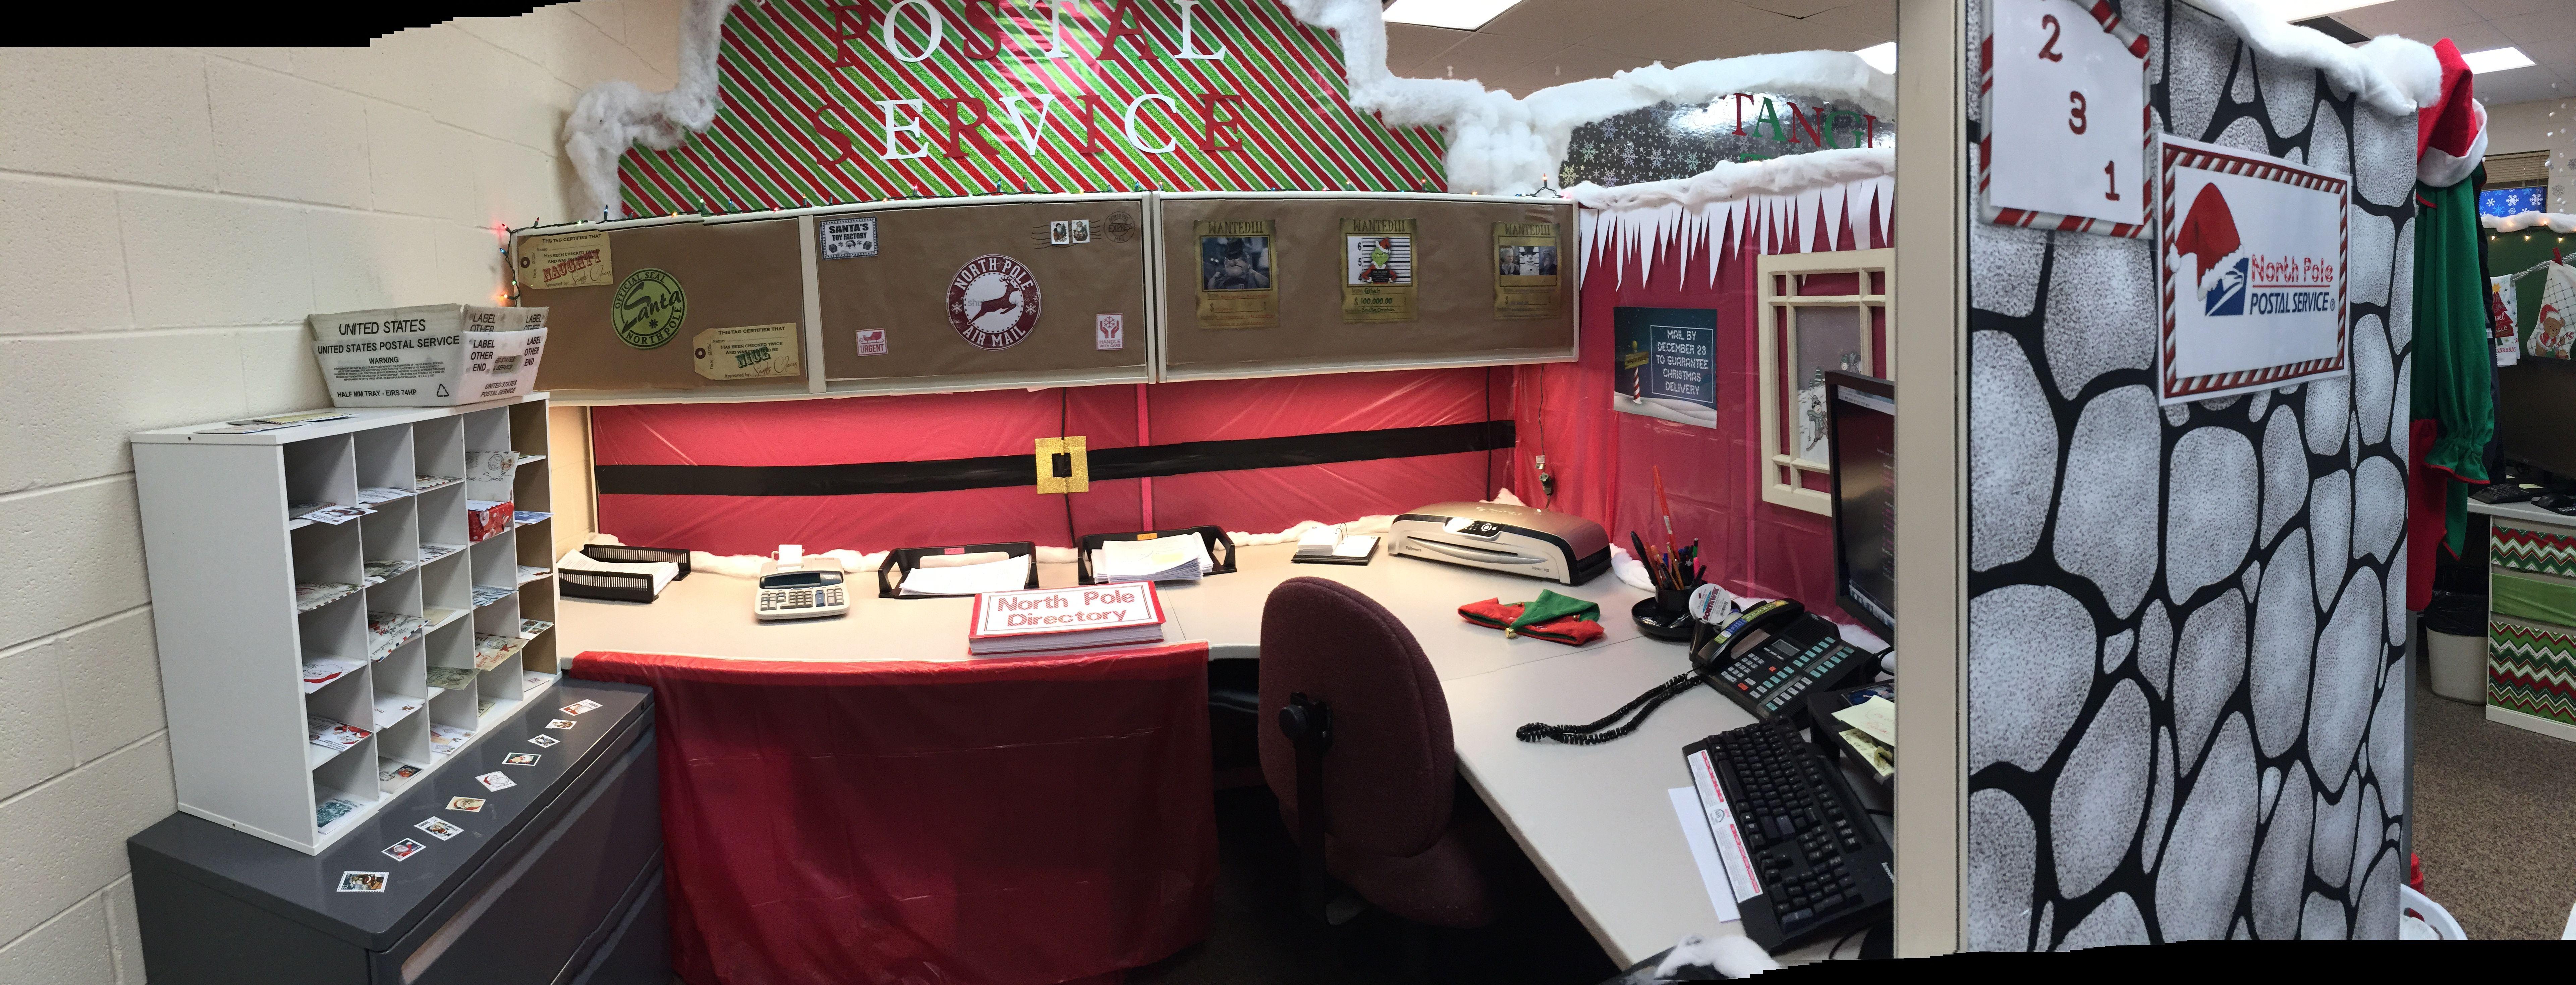 Santa s Village North Pole Post fice Cubicle Decor